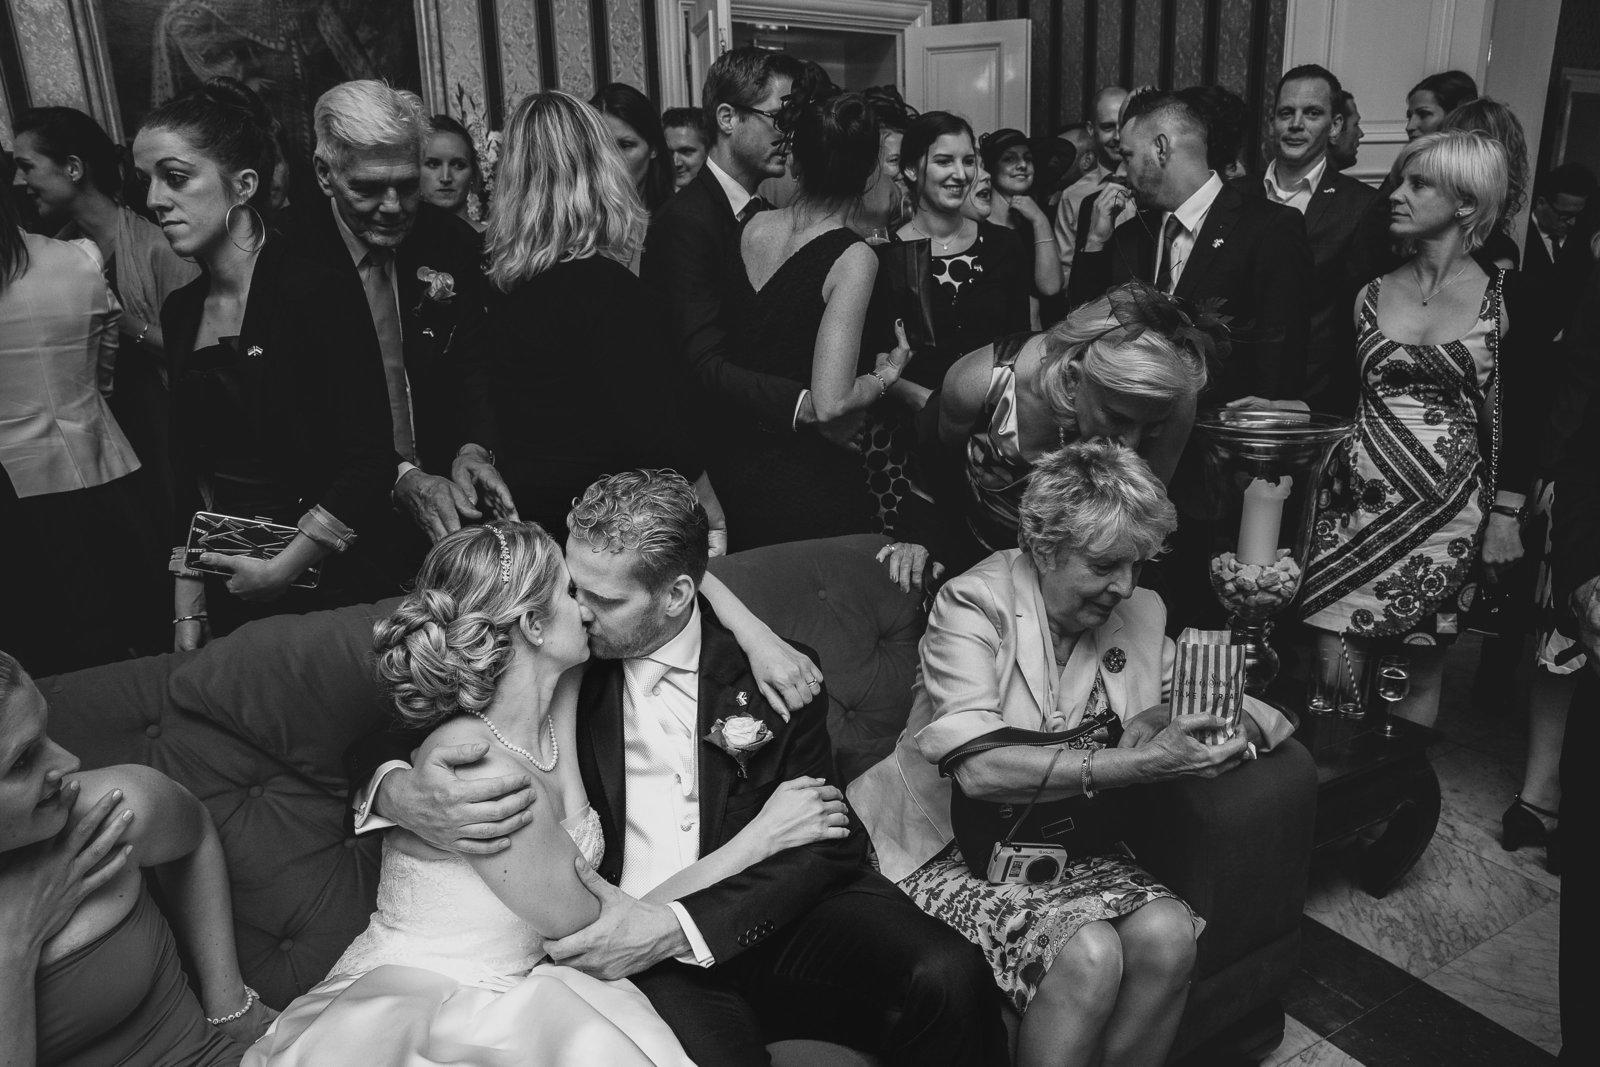 Het bruidspaar verliest zichzelf helemaal in een kus in een zaal vol met mensen. Copyright Nanda Zee-Fritse | FOTOZEE